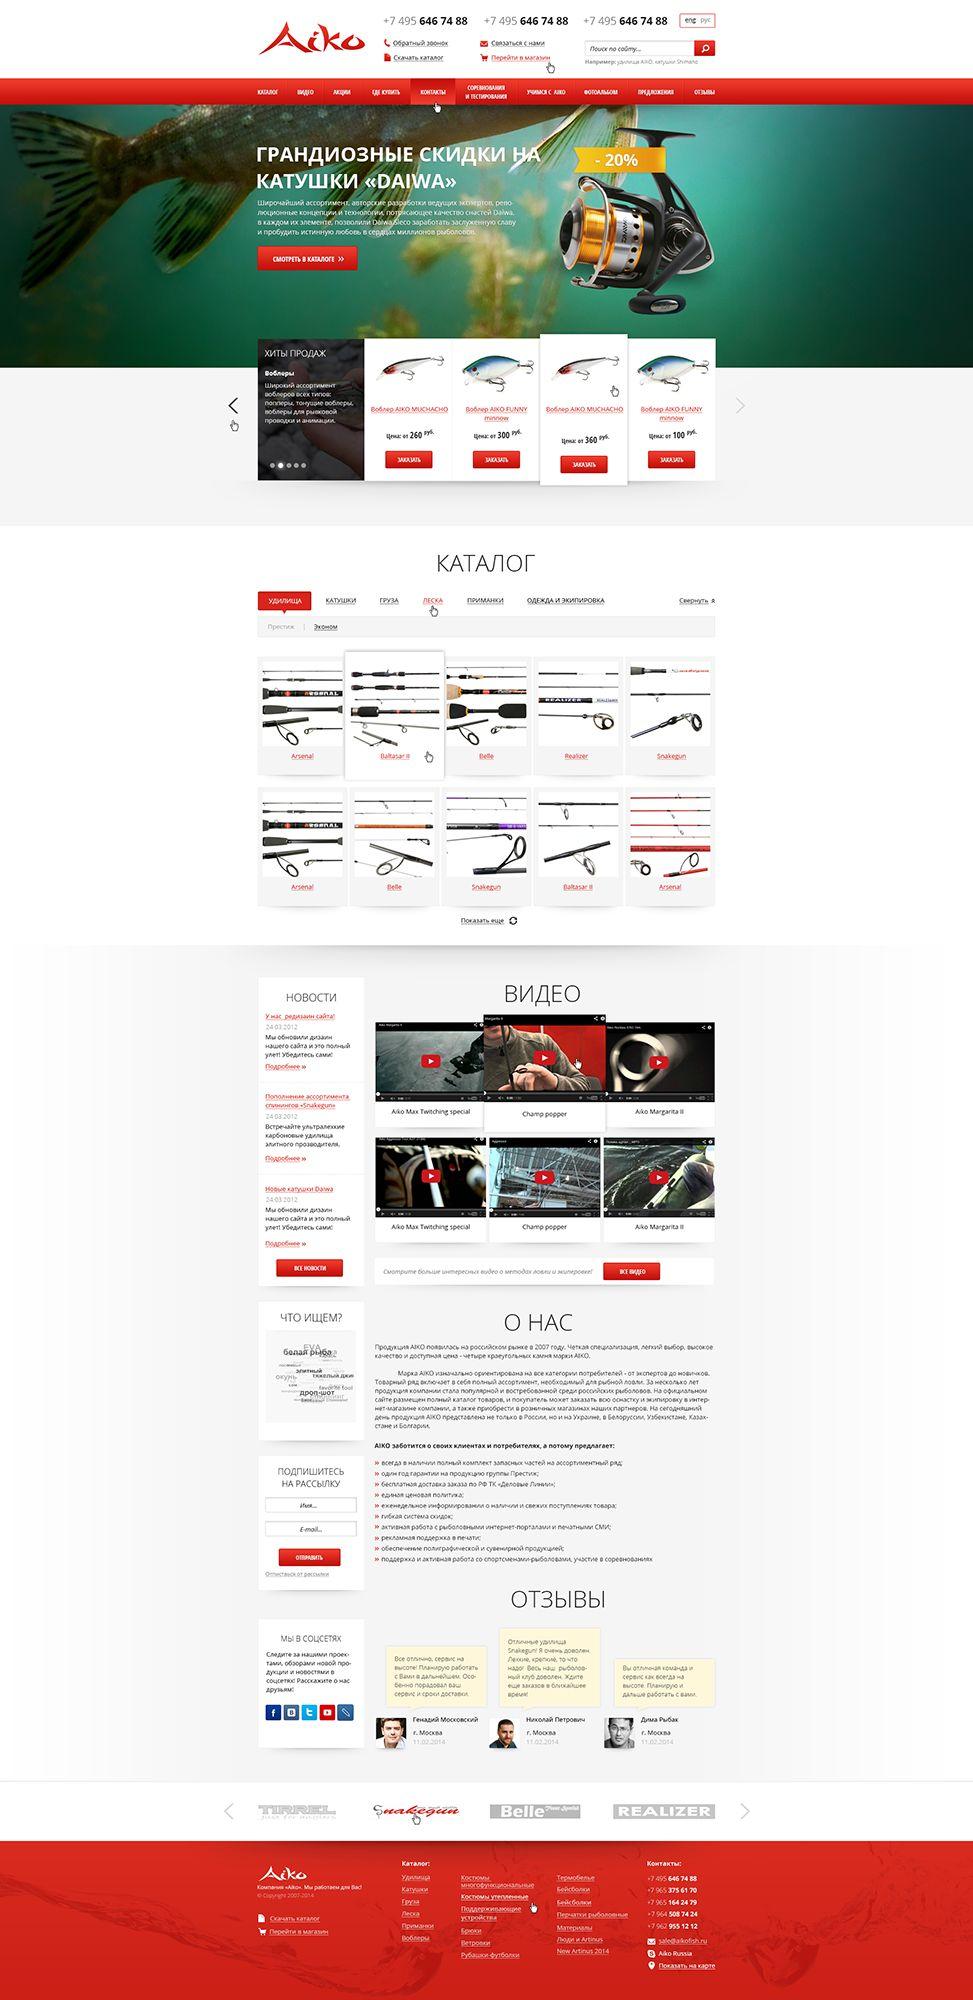 Редизайн сайта - дизайнер photoslash